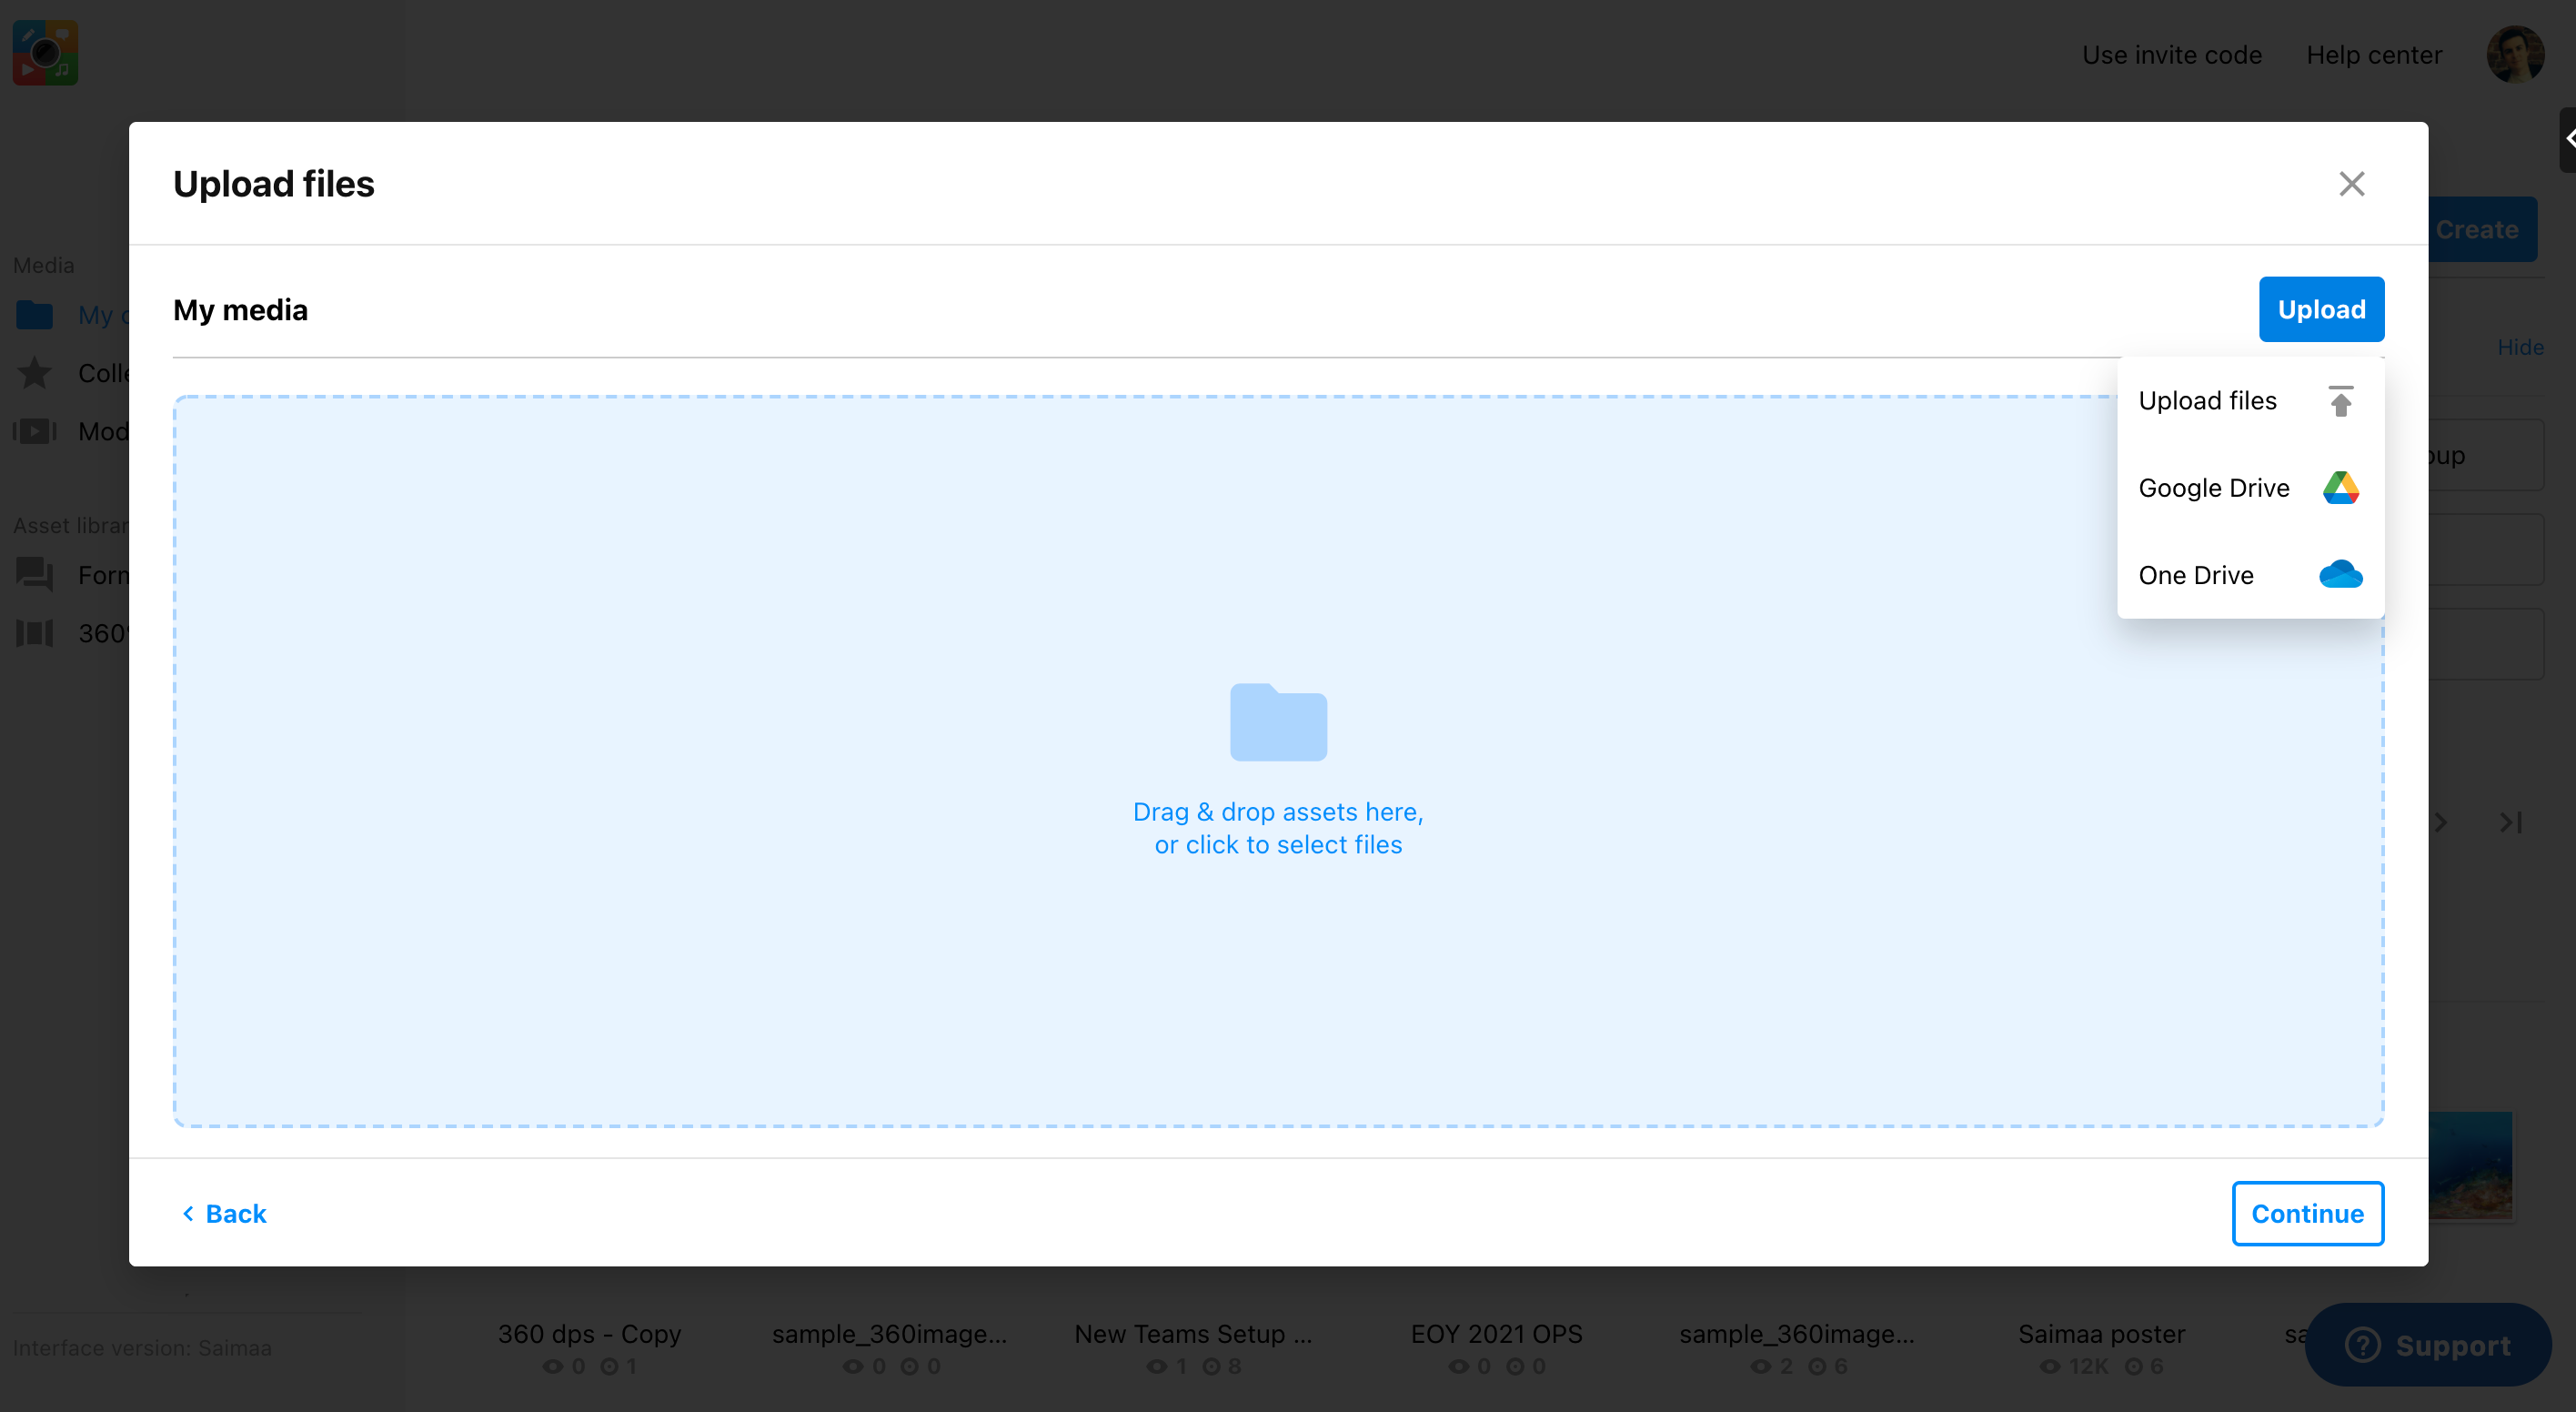 Screen Shot 2021-02-22 at 4.37.17 PM